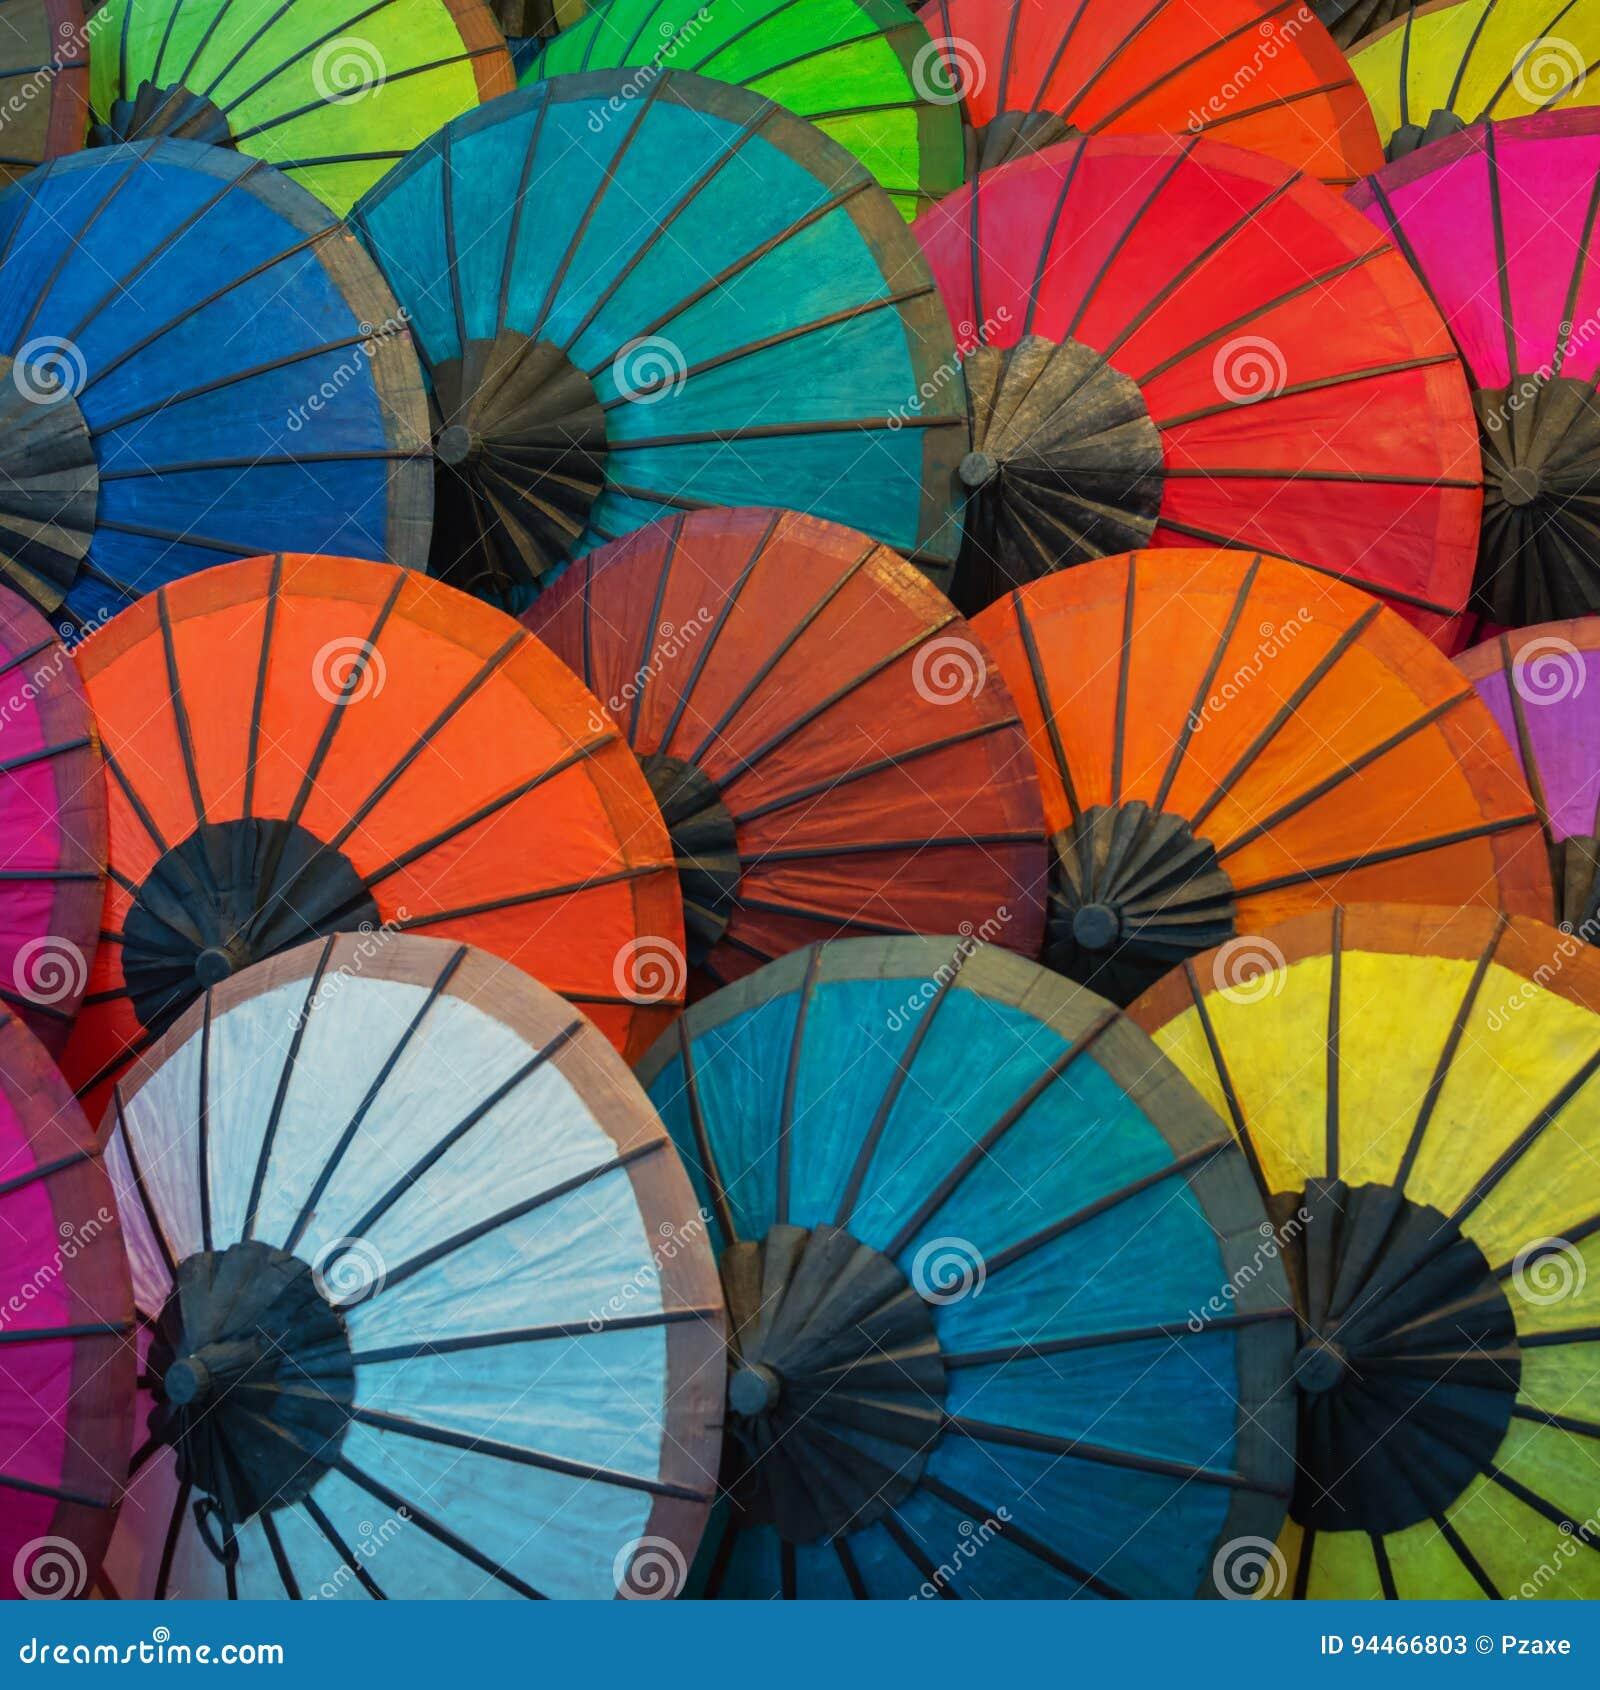 Asiatische Schirme